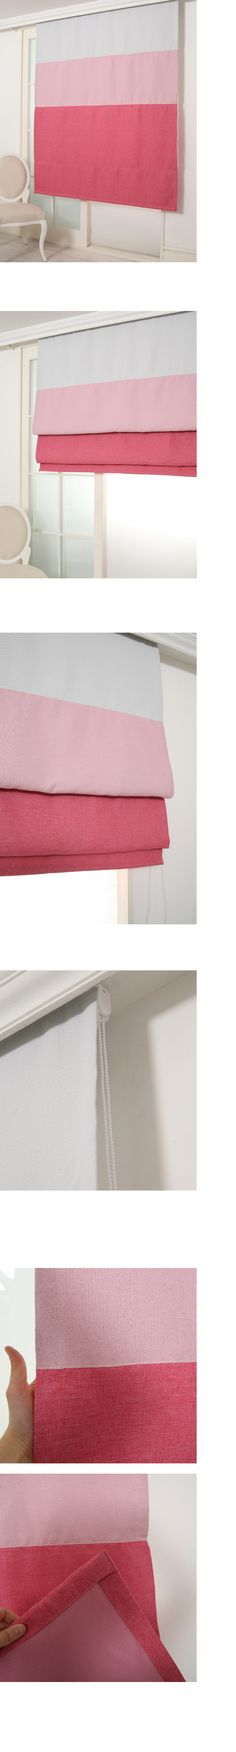 메이크룸 [린넨터치 암막 로만쉐이드(pink)]